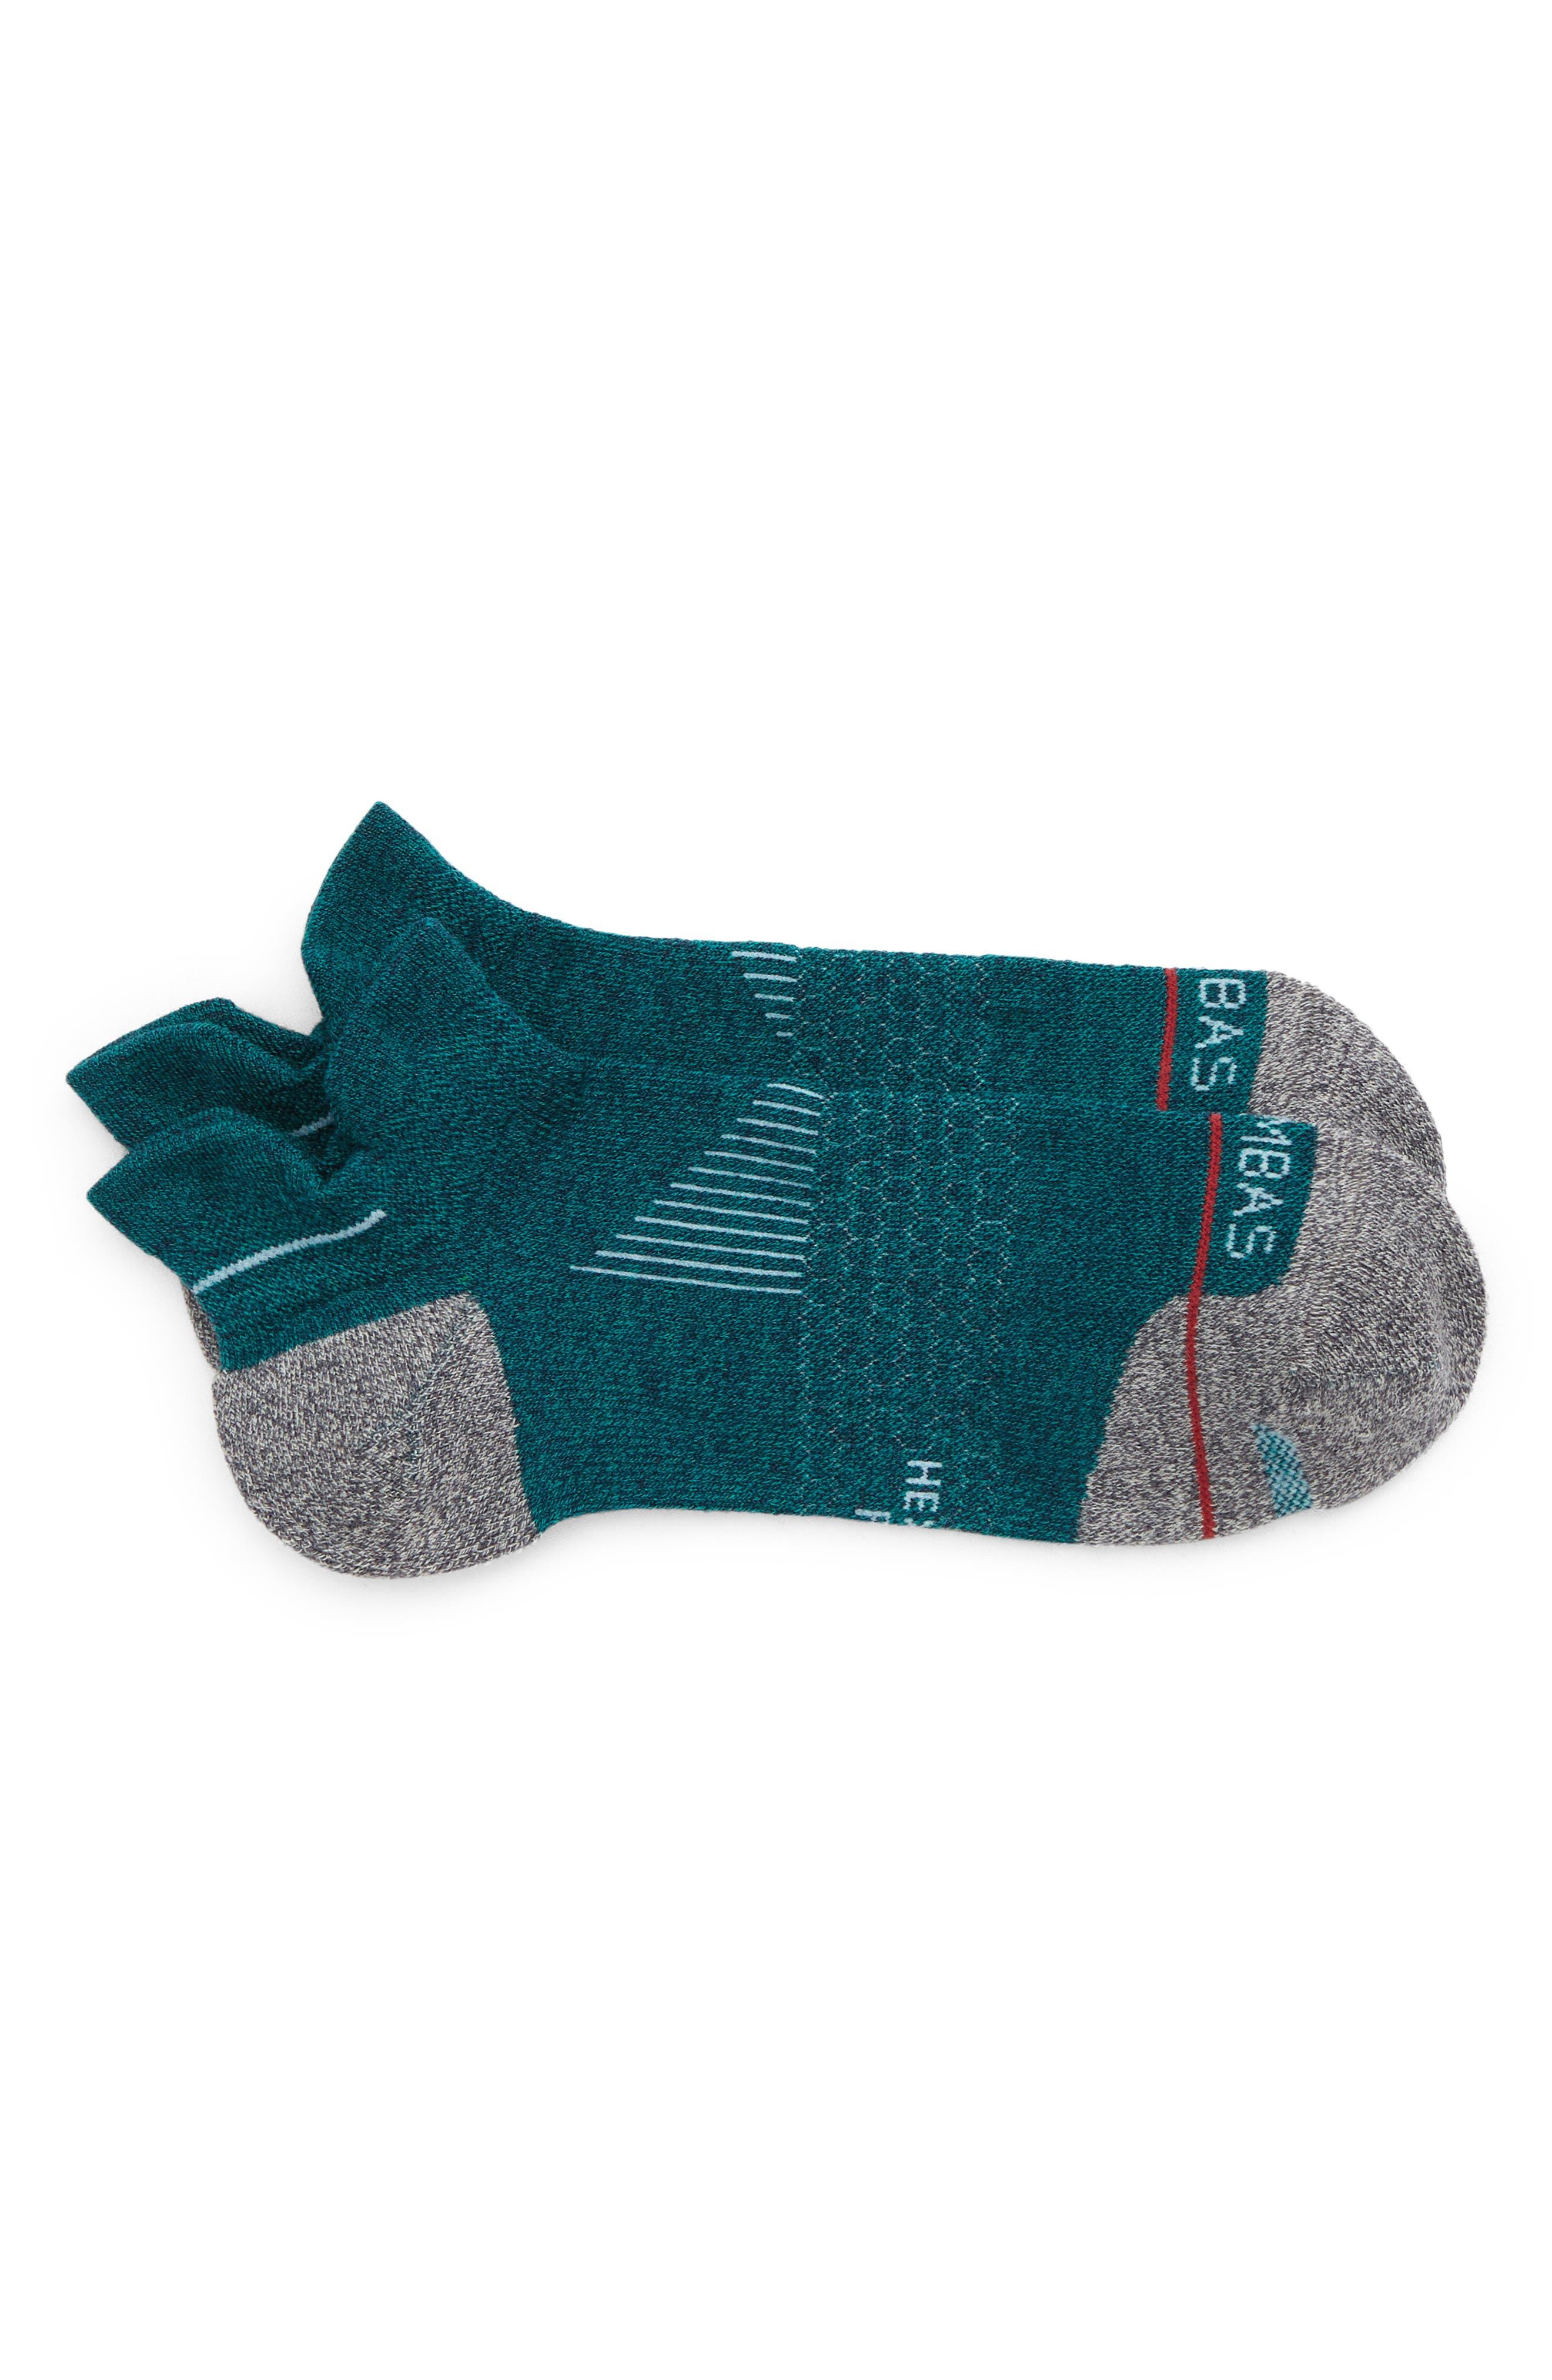 Performance Running Merino Wool Blend Ankle Socks